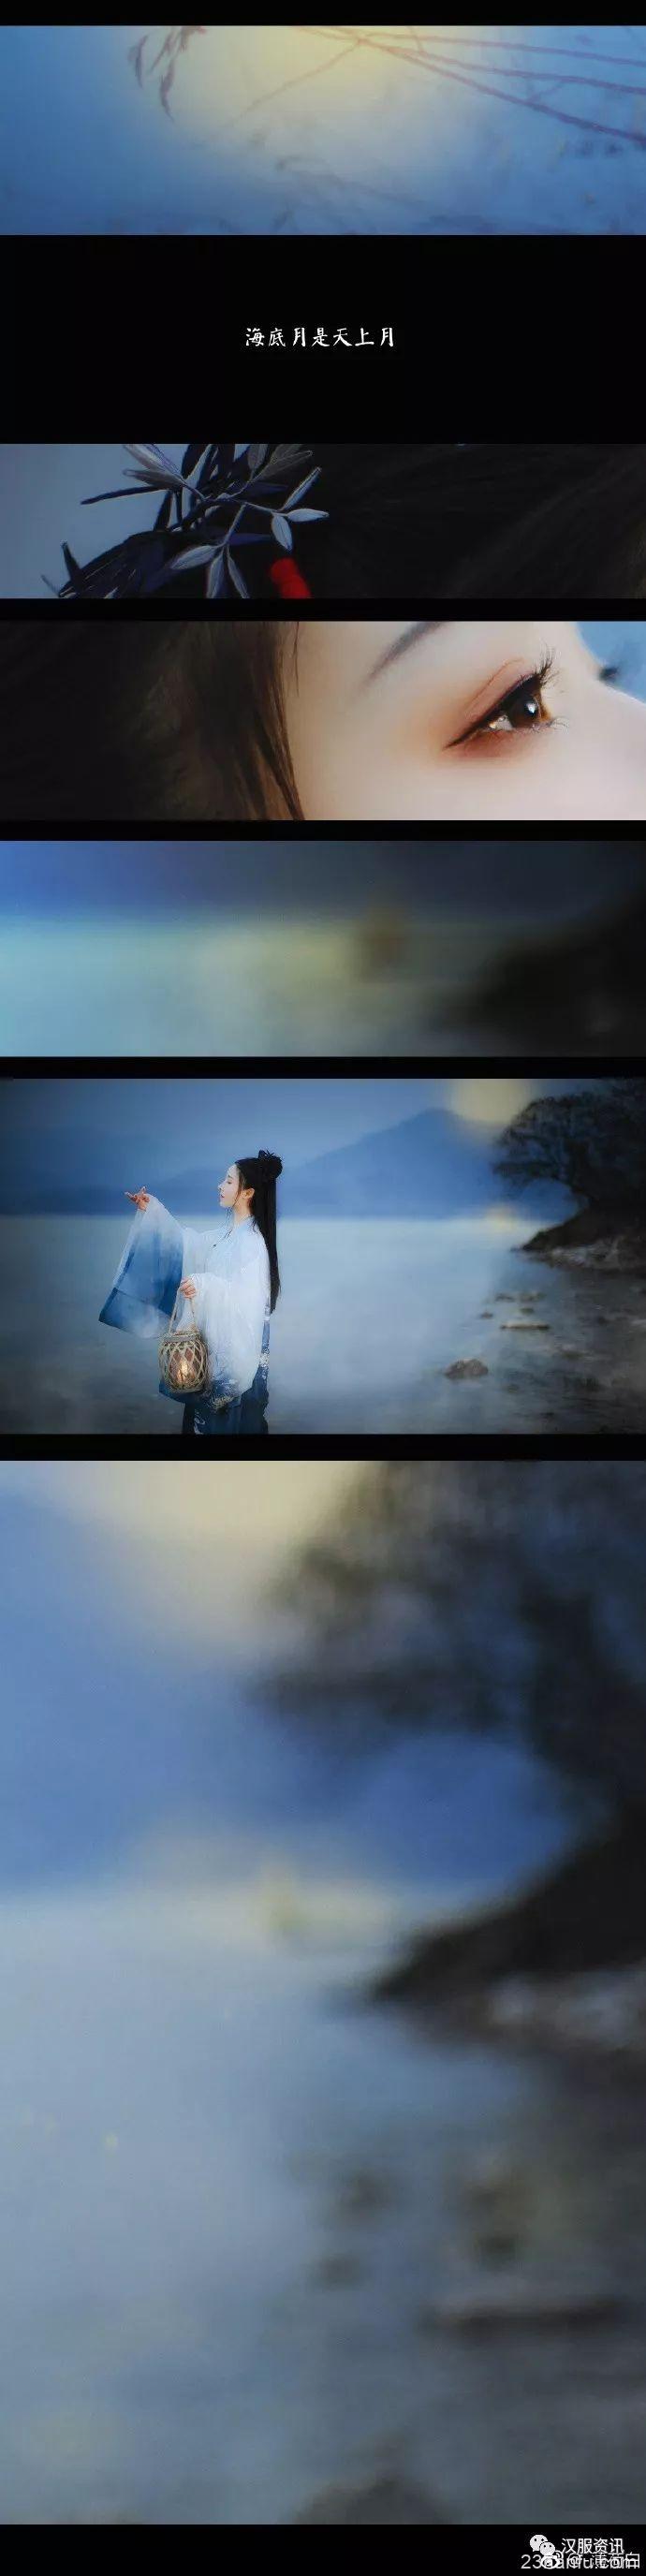 【汉服摄影】海底月是天上月